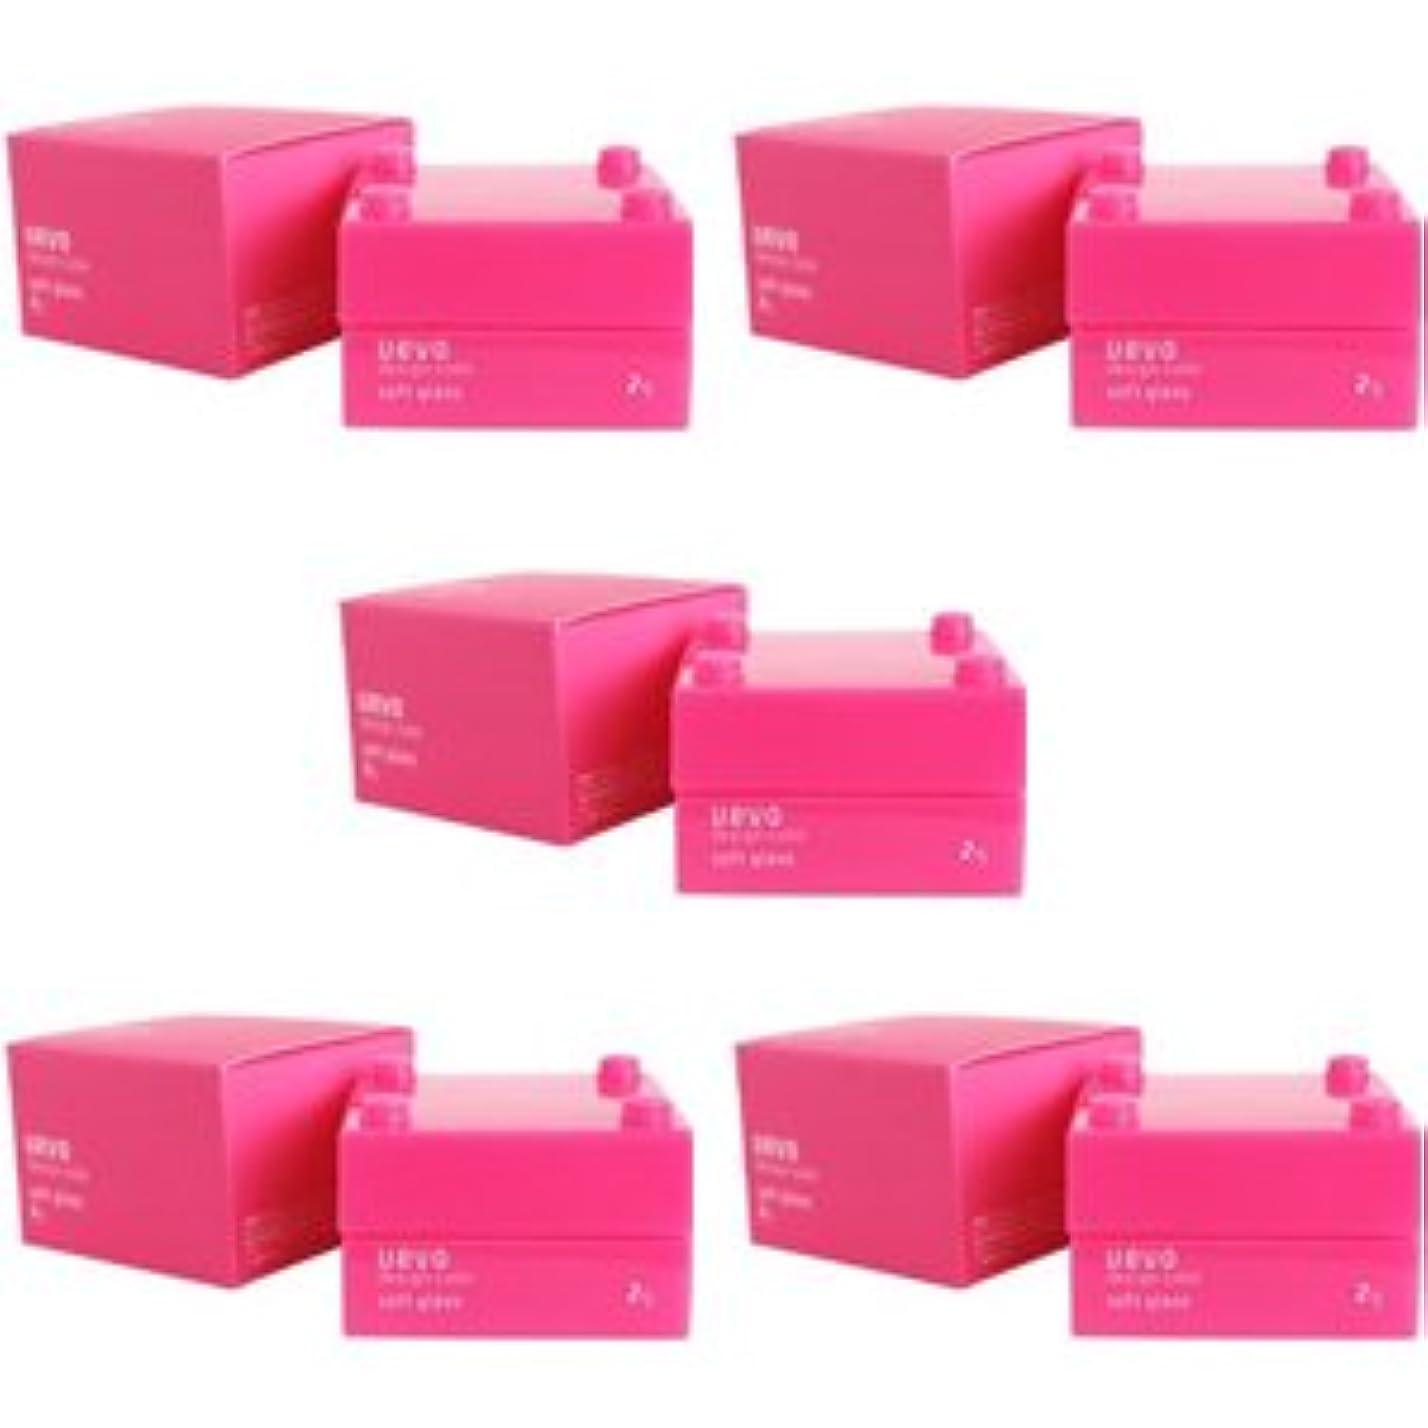 優しい意志寸前【X5個セット】 デミ ウェーボ デザインキューブ ソフトグロス 30g soft gloss DEMI uevo design cube